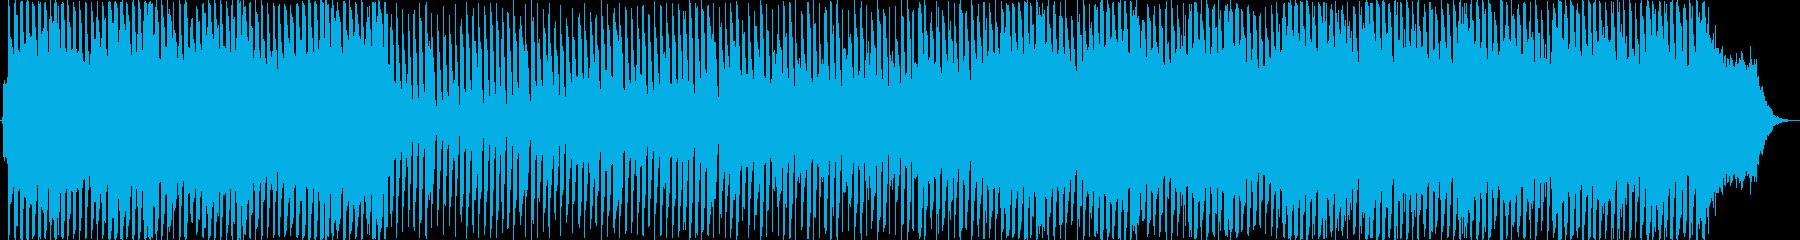 ストリングスを使ったポップBGMの再生済みの波形